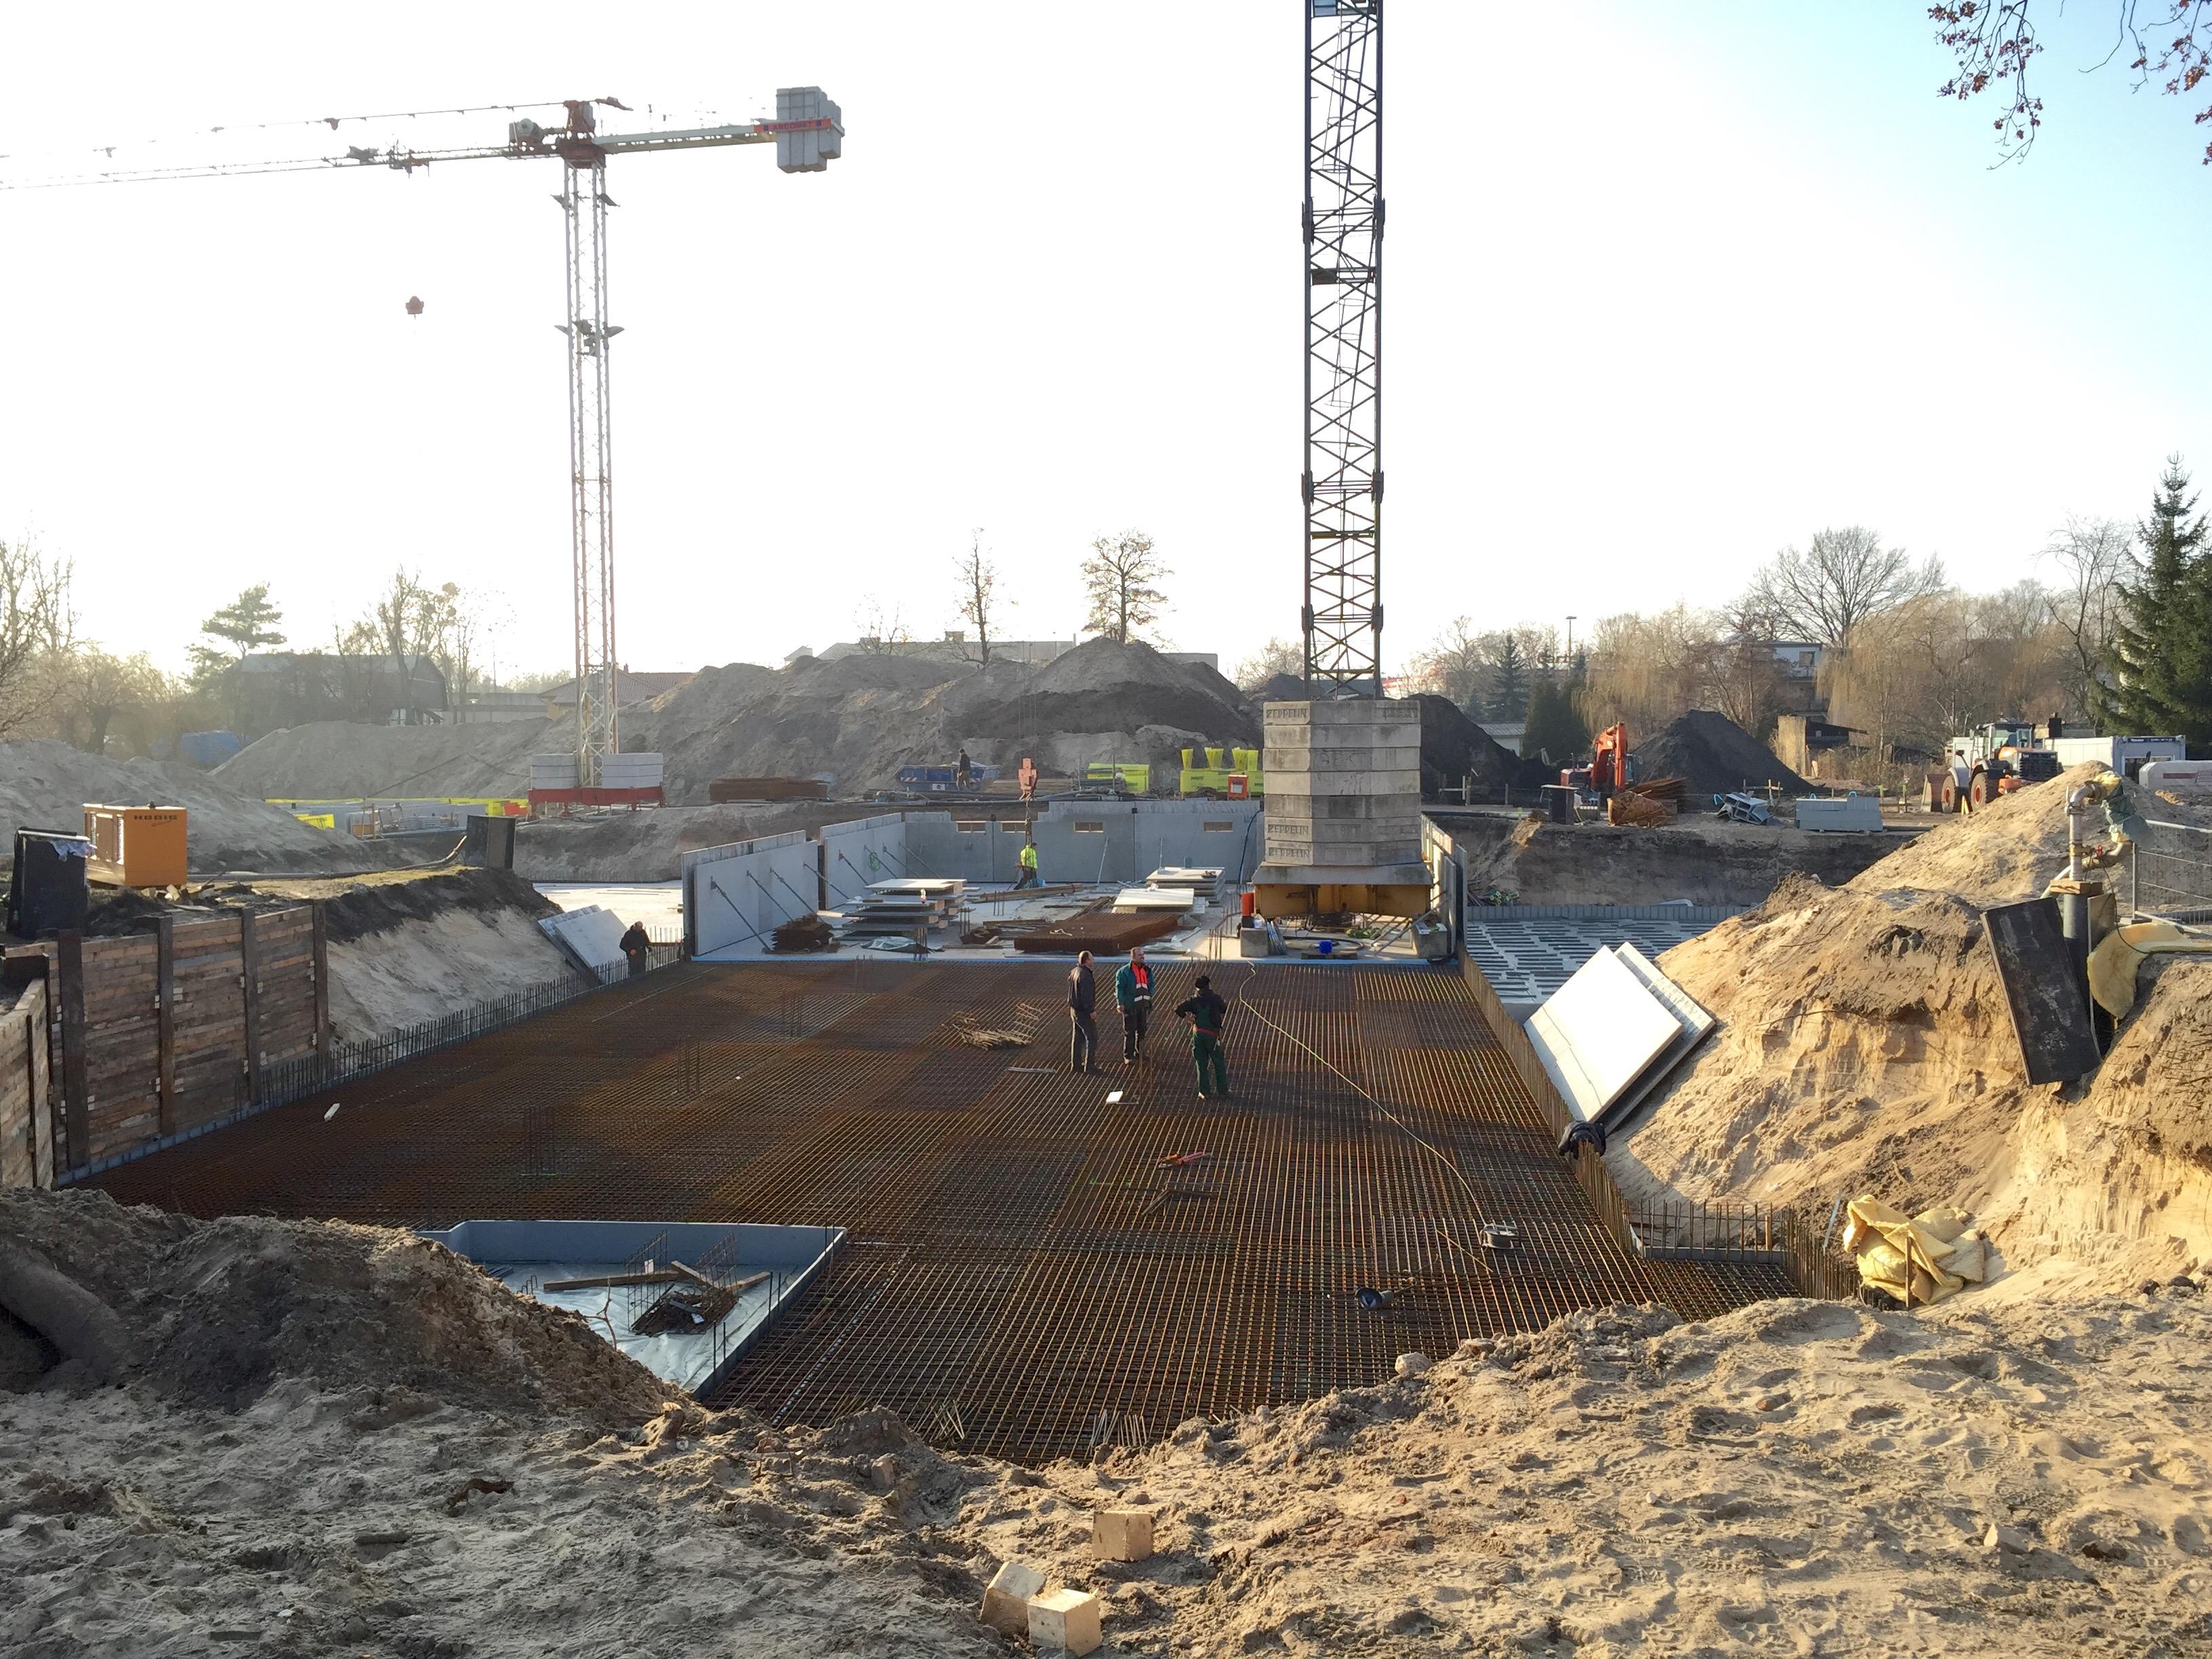 Hirschgartzen Bau Tiefgarage